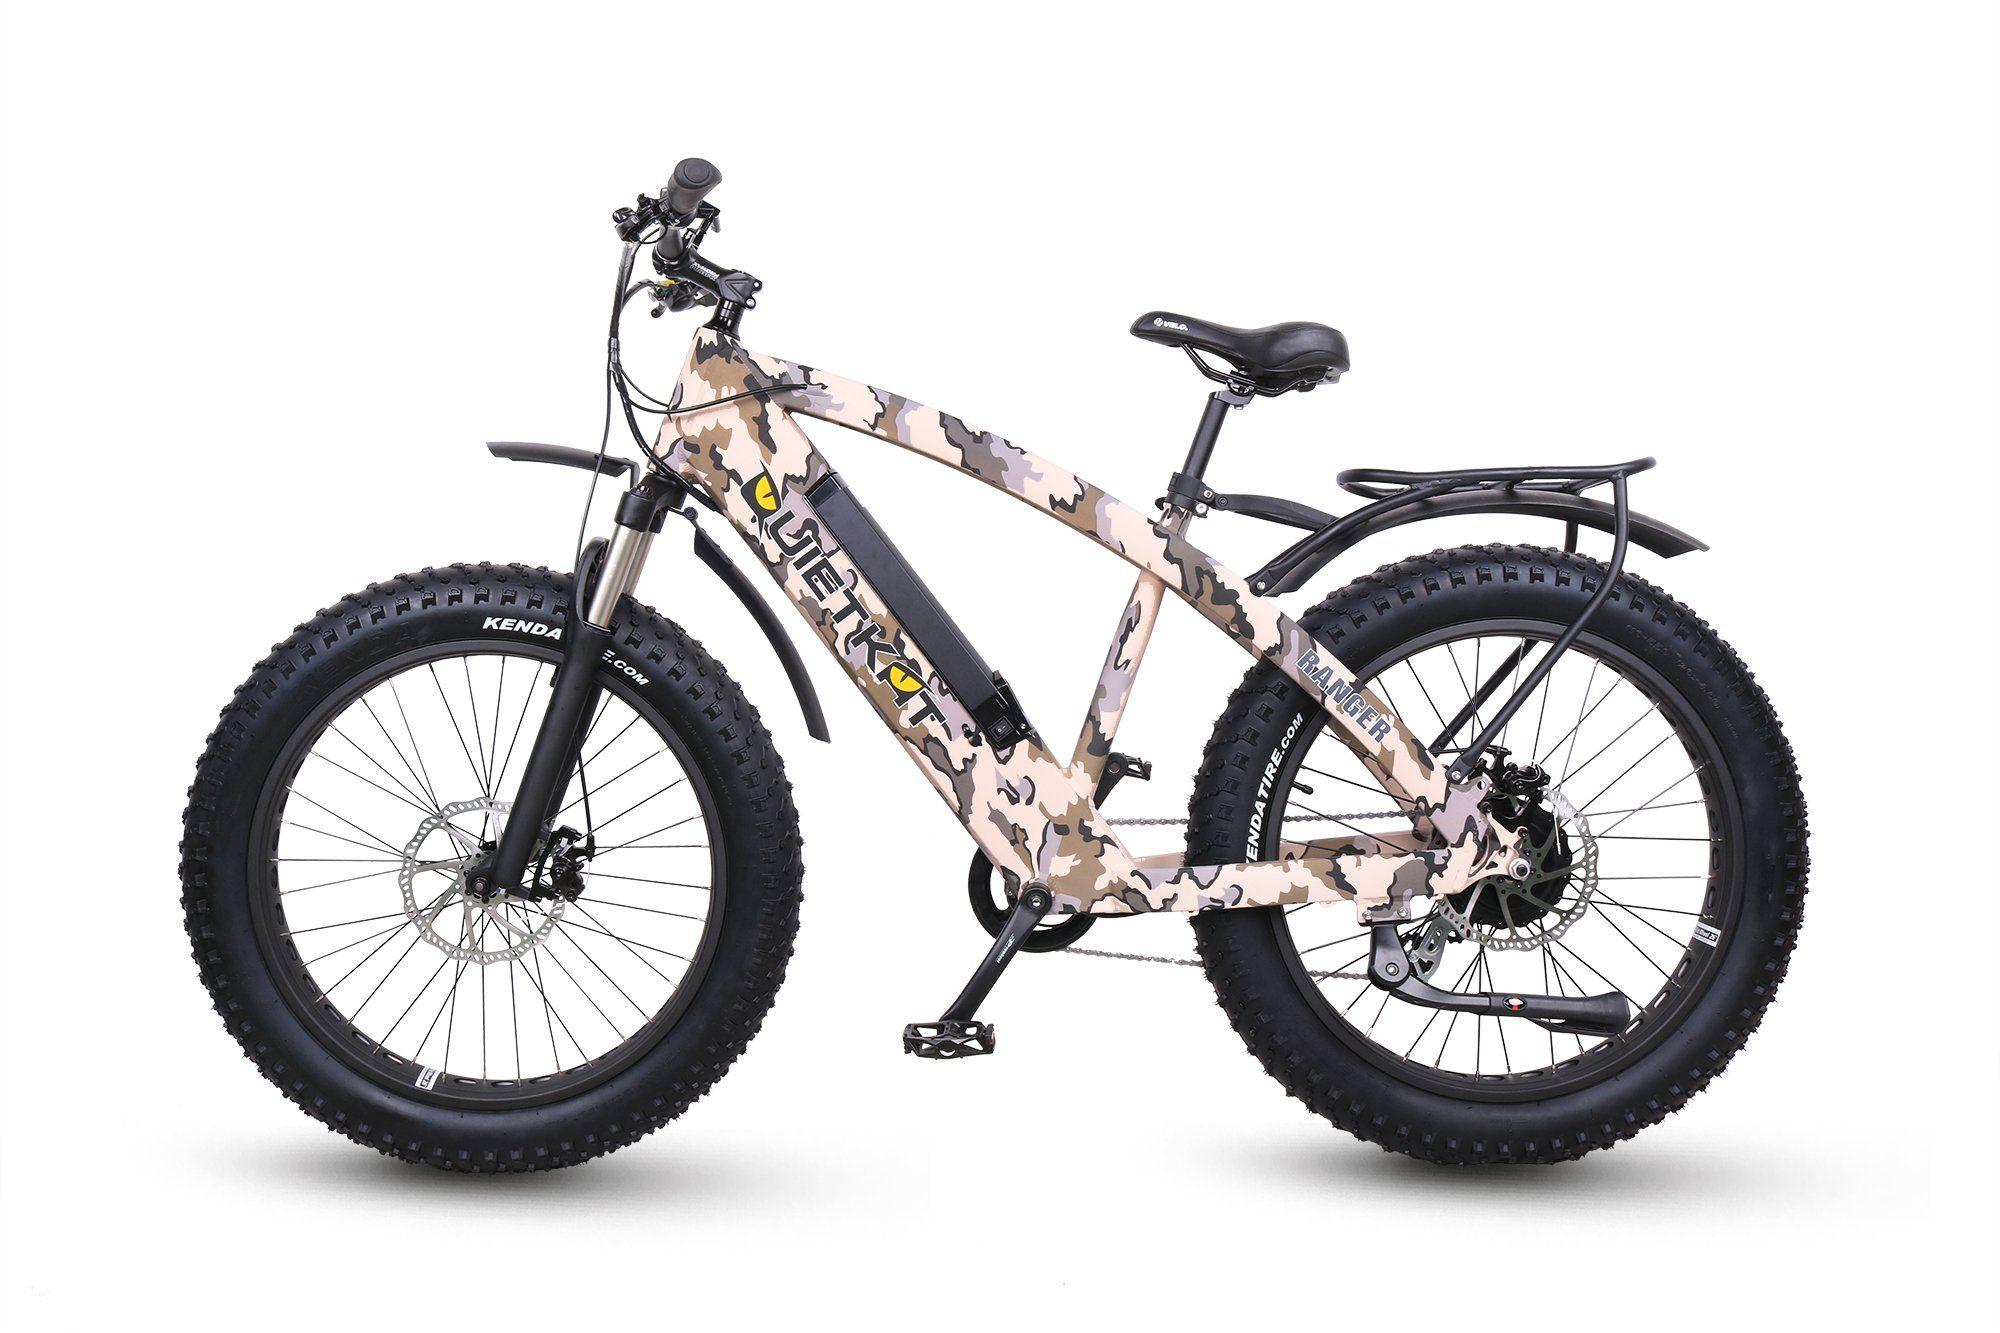 Quietkat Ranger 750w Electric Bike Camo Best Electric Bikes Electric Bike Bike